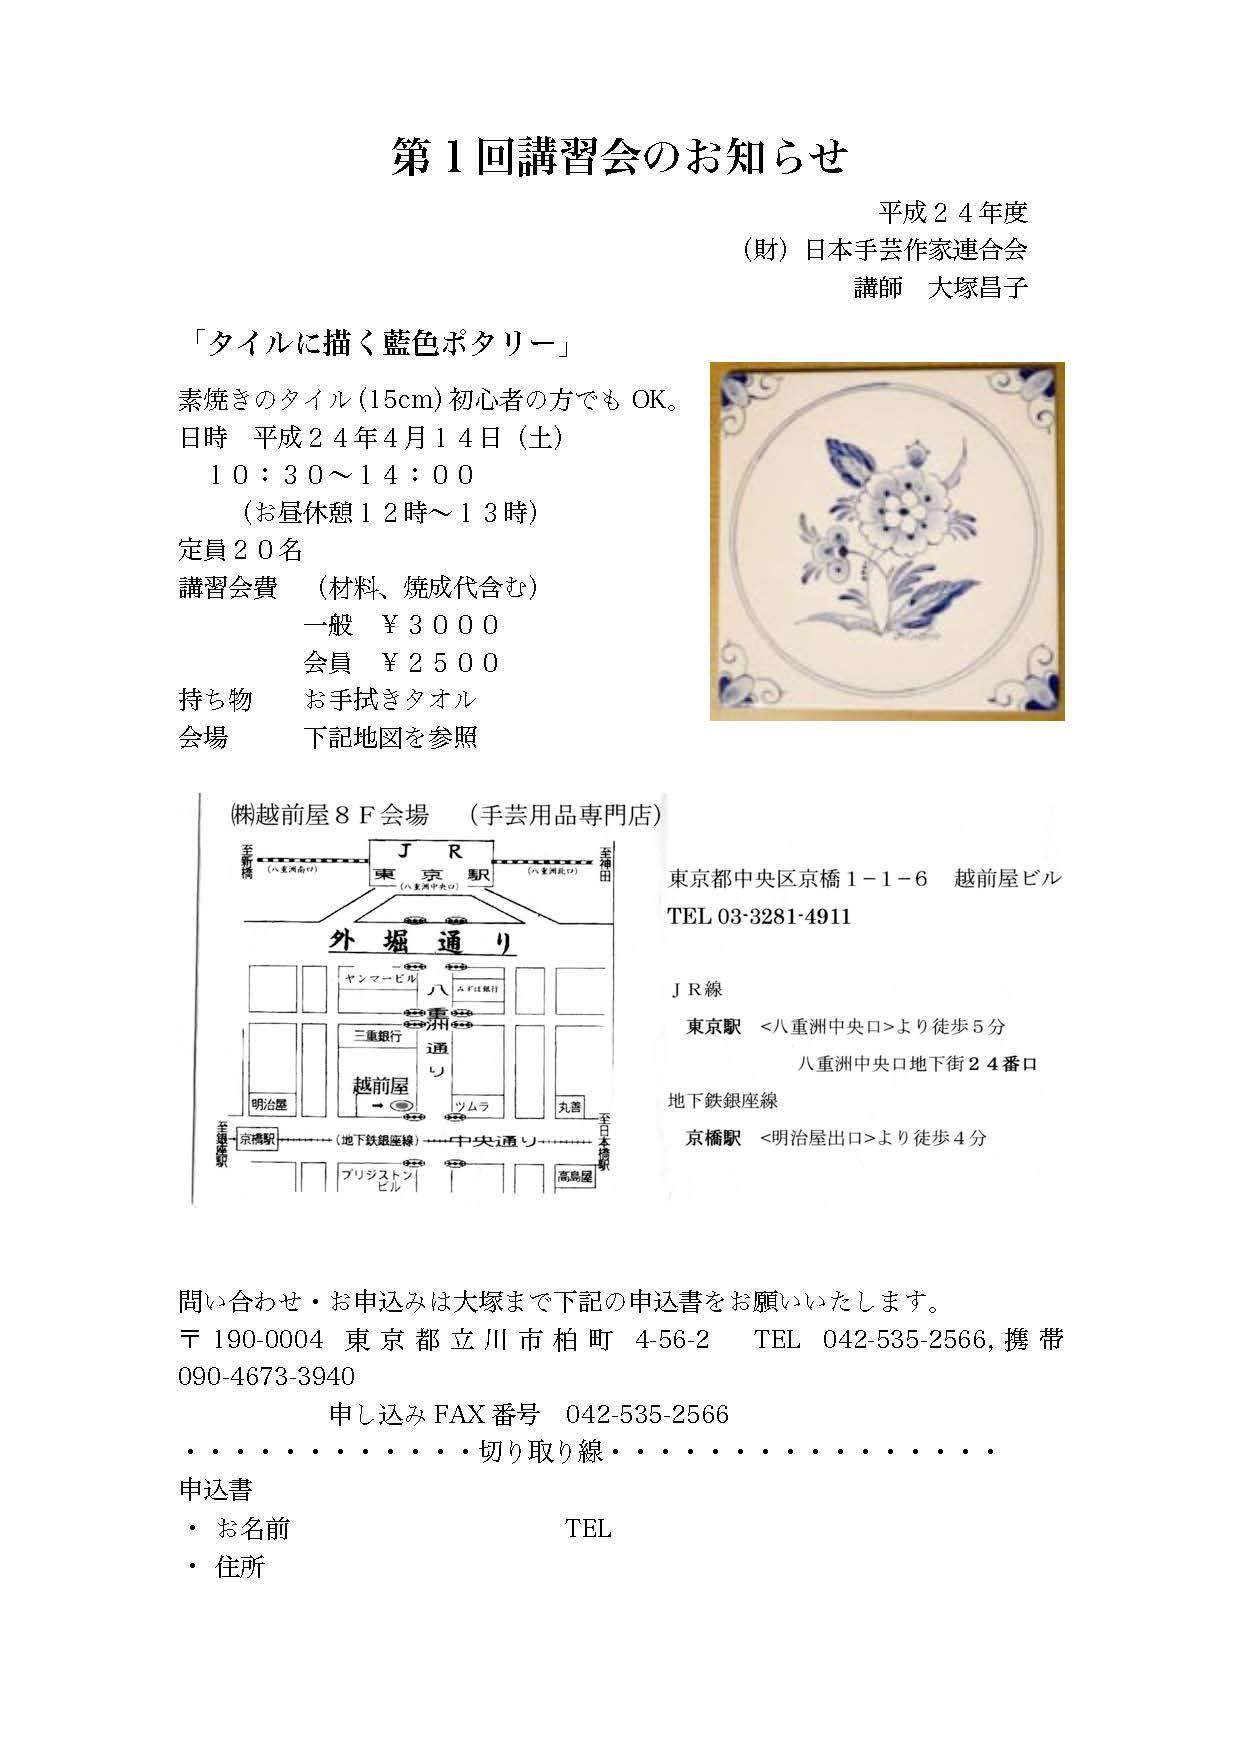 kousyukai-20120414